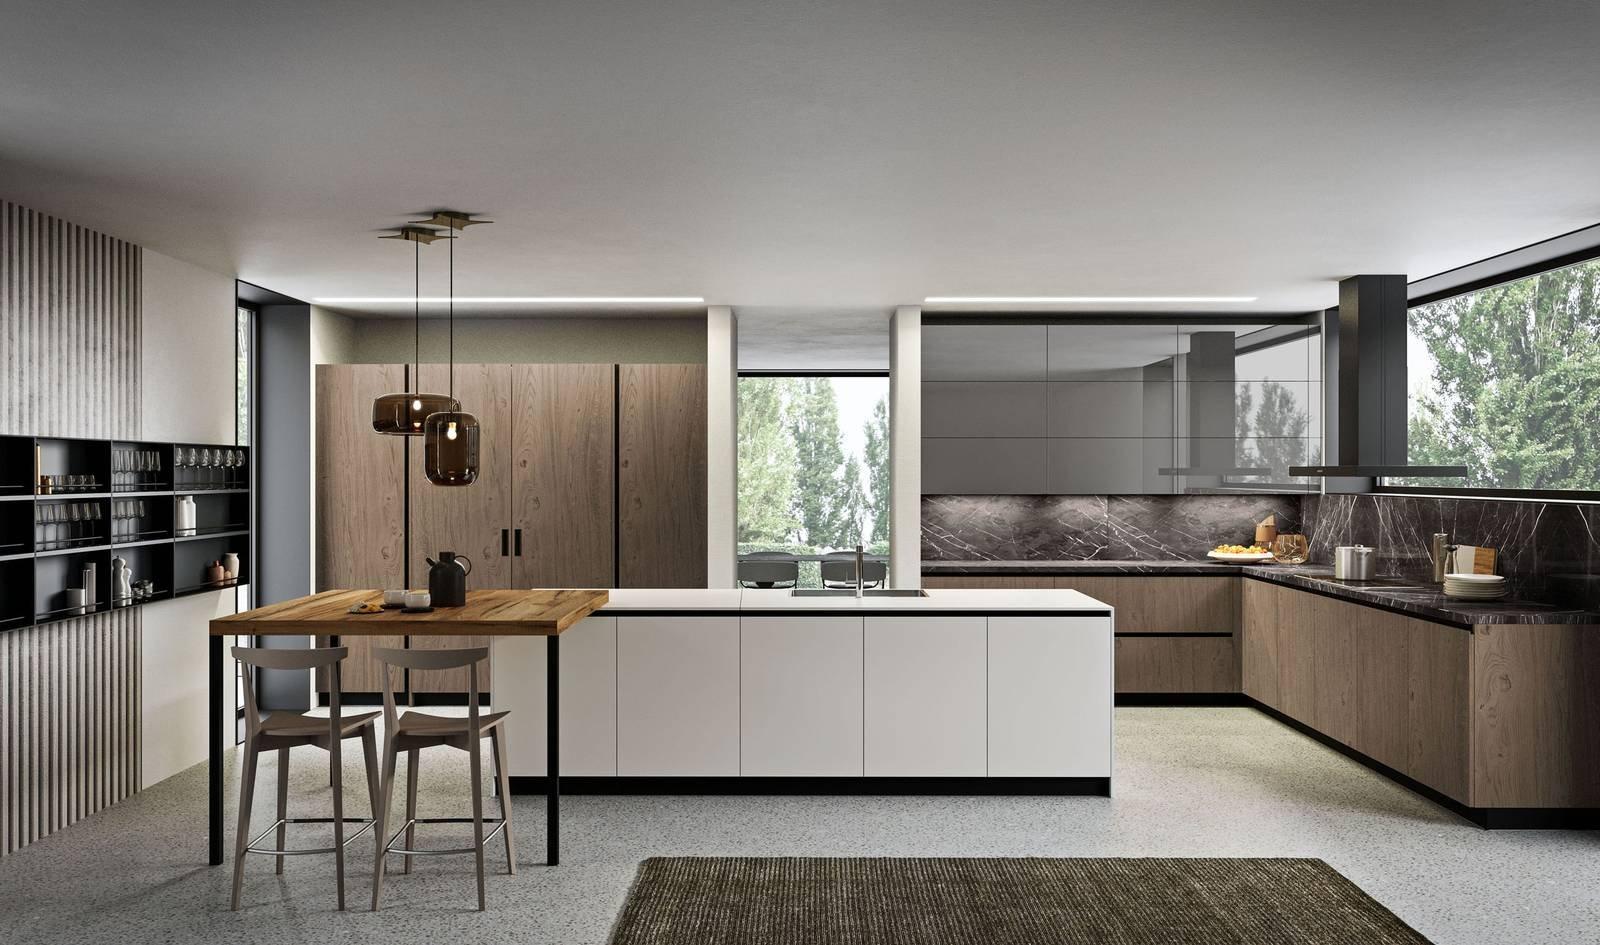 21 idee per frazionare un appartamento fotogallery for Isola cucina moderna